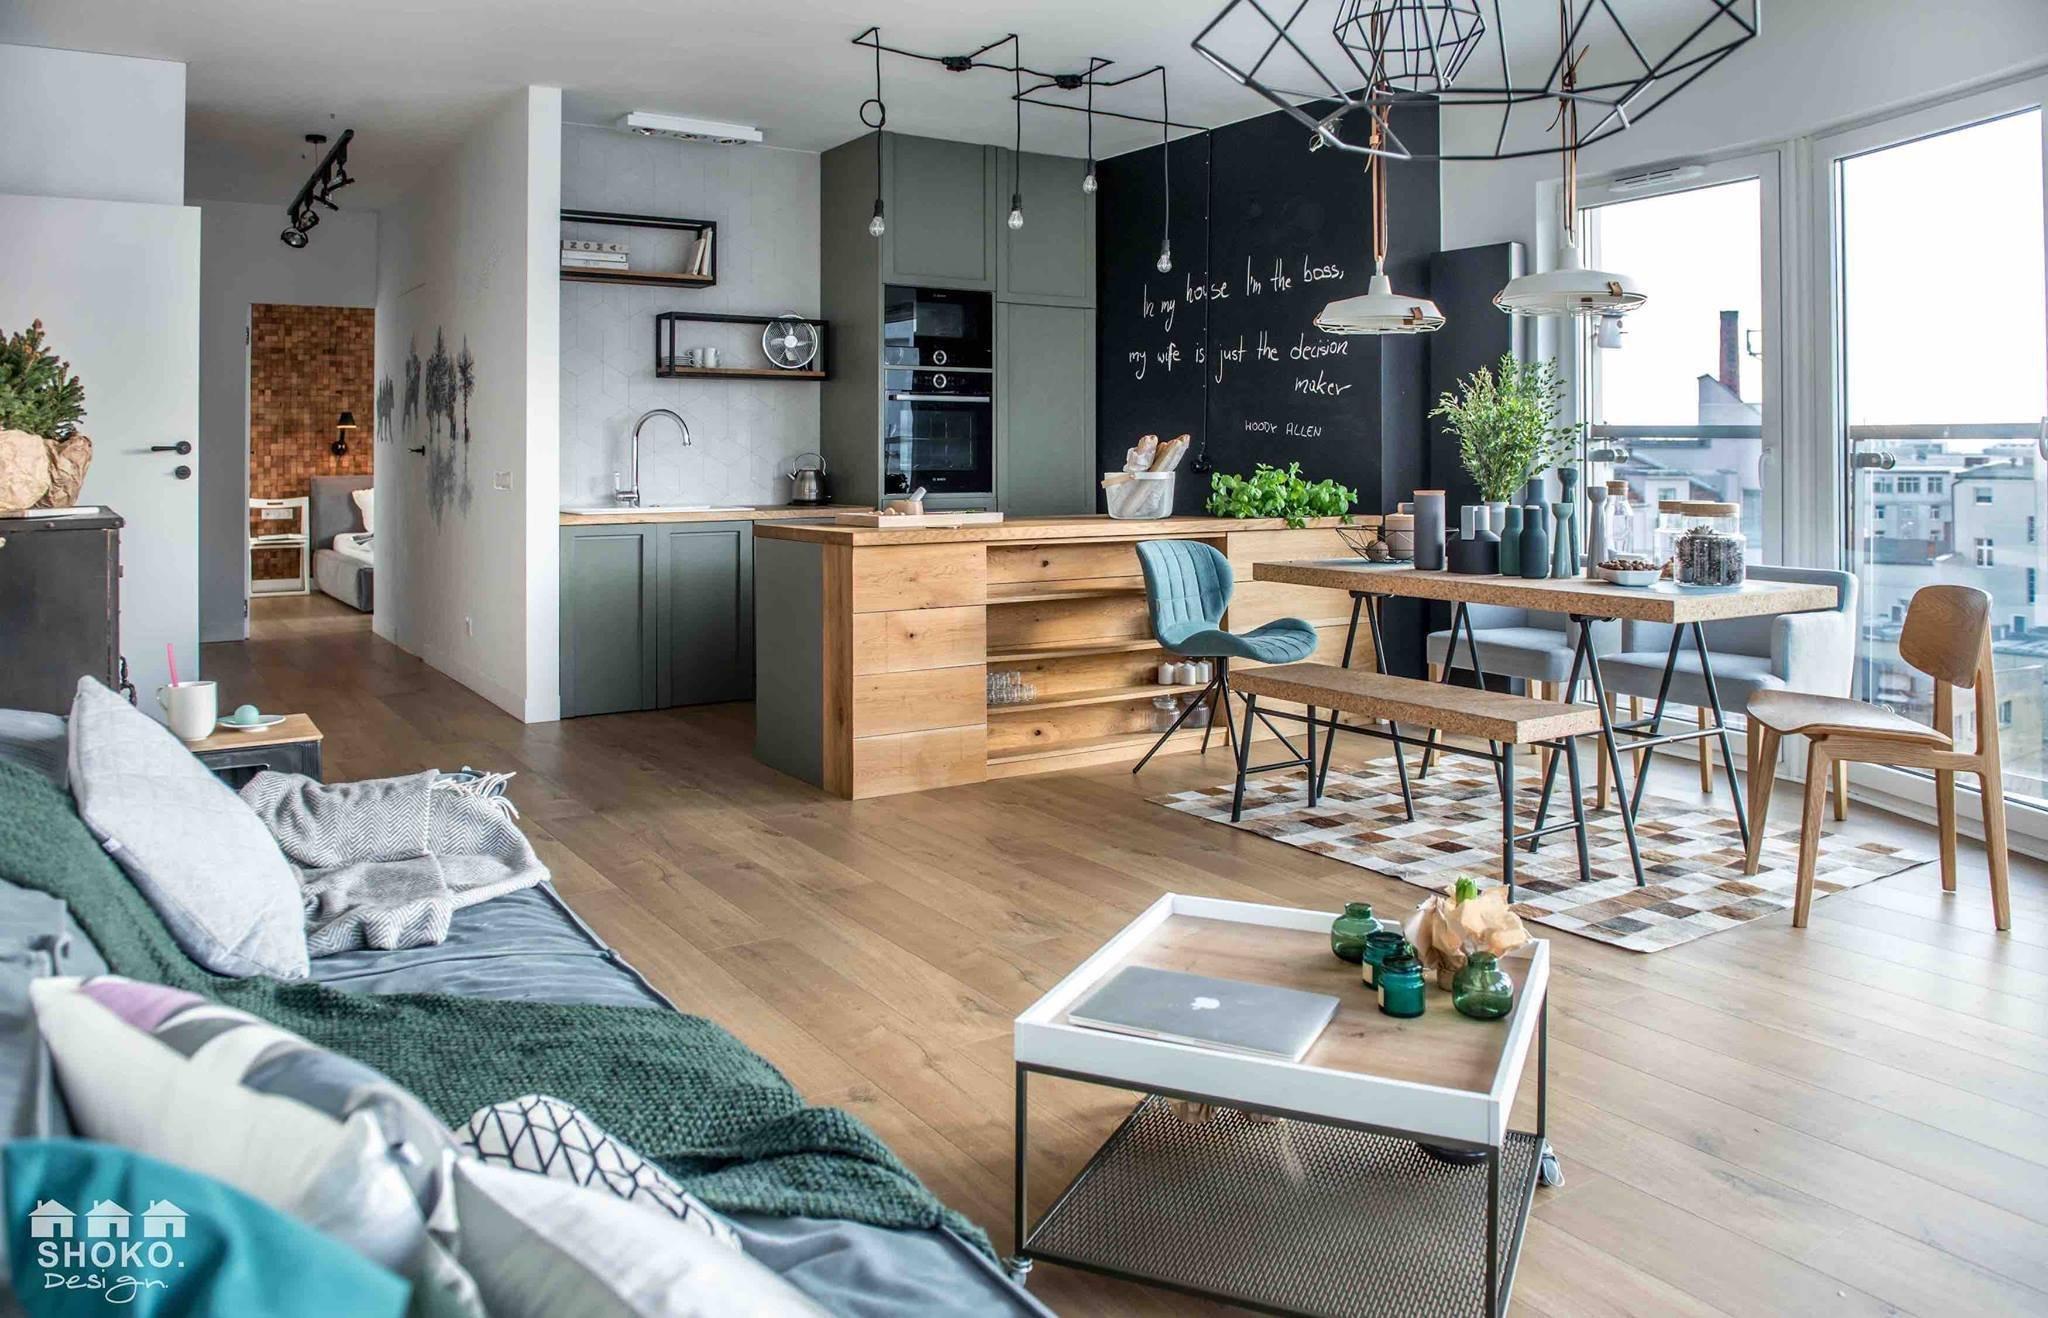 Byt ve skandinávském stylu  s panoramatickými okny